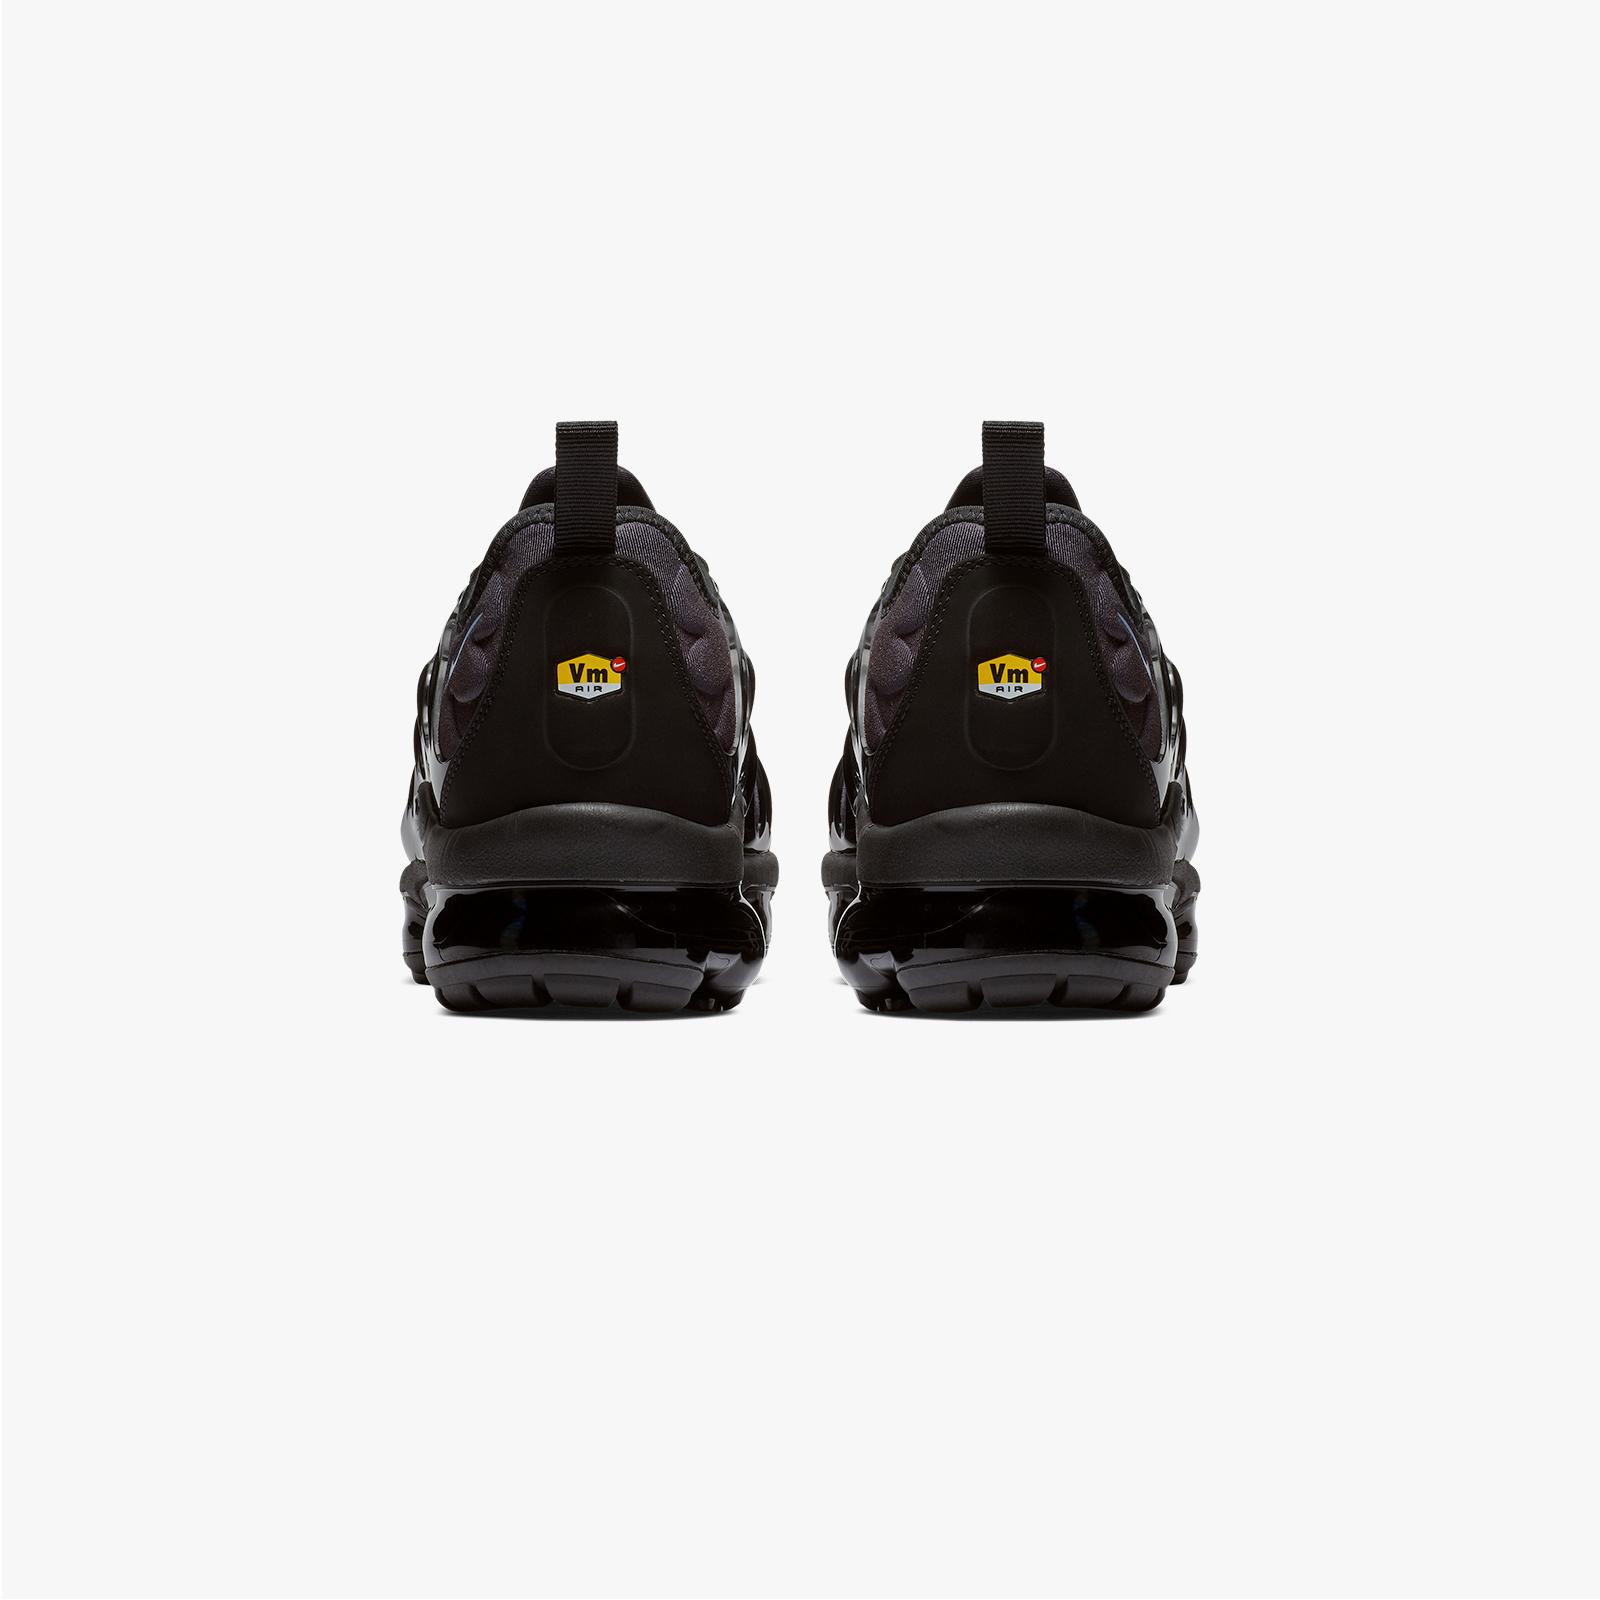 ff3f09caa5 Nike Air Vapormax Plus - 924453-018 - Sneakersnstuff | sneakers ...